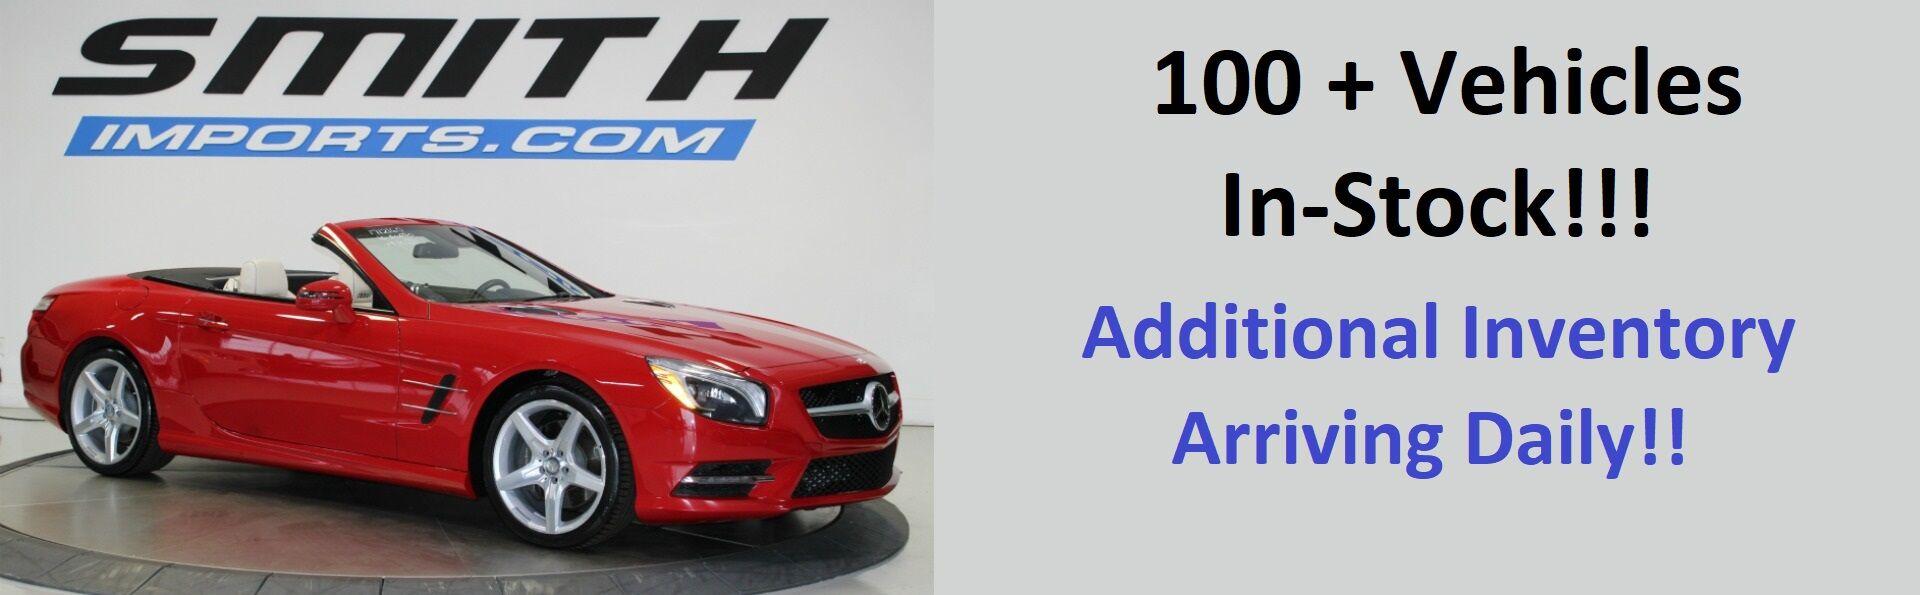 Infiniti Cars Dealership In Memphis Tn